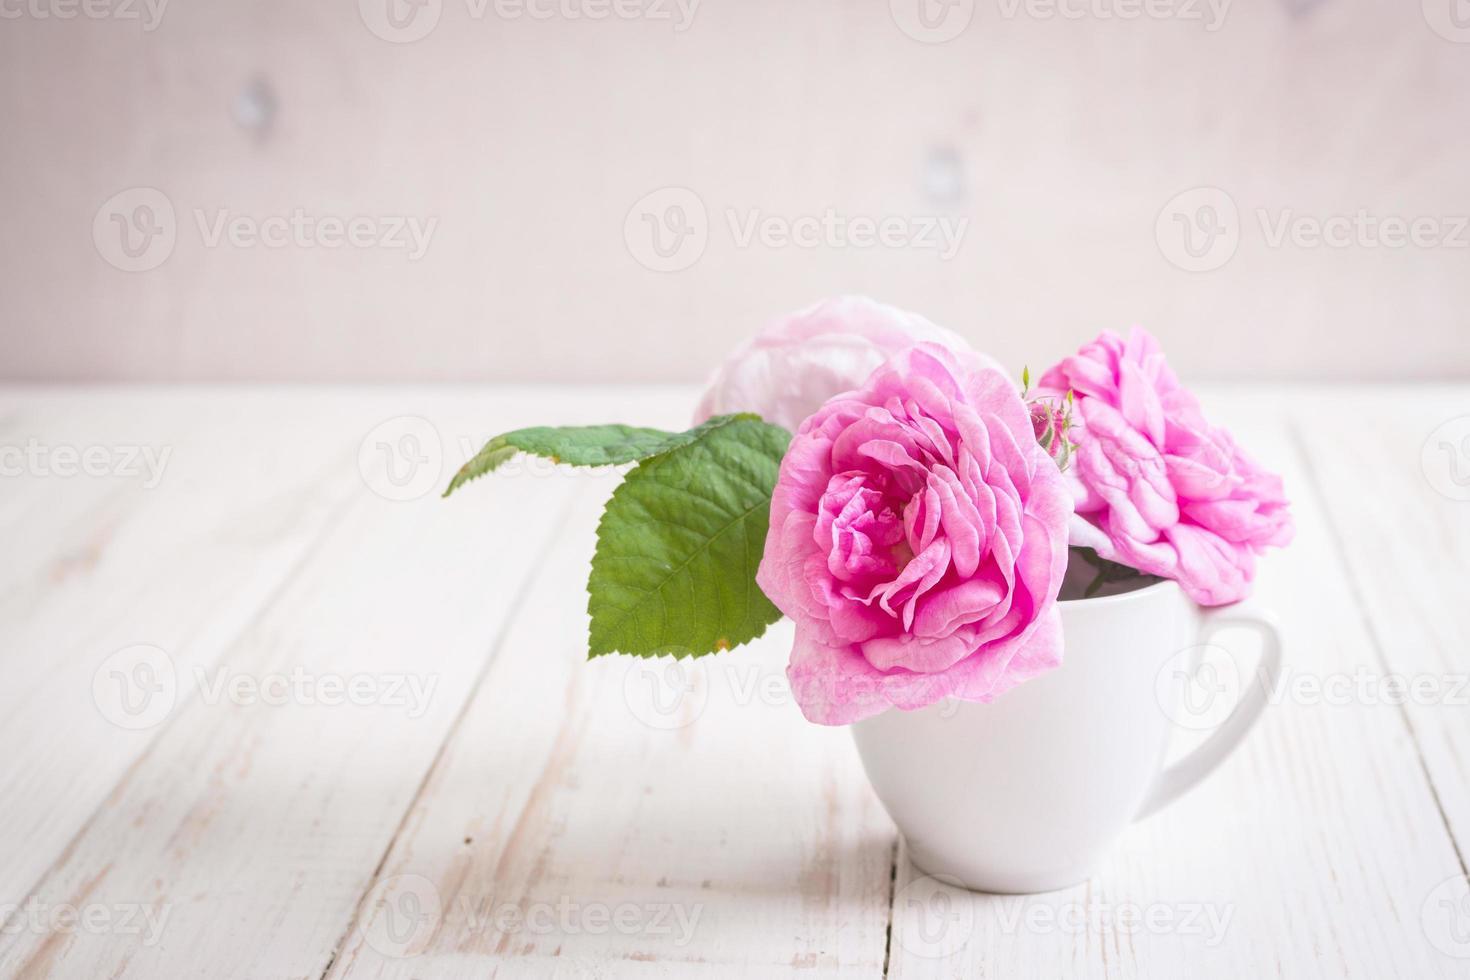 rosa Teerosen auf einem weißen hölzernen Hintergrund foto